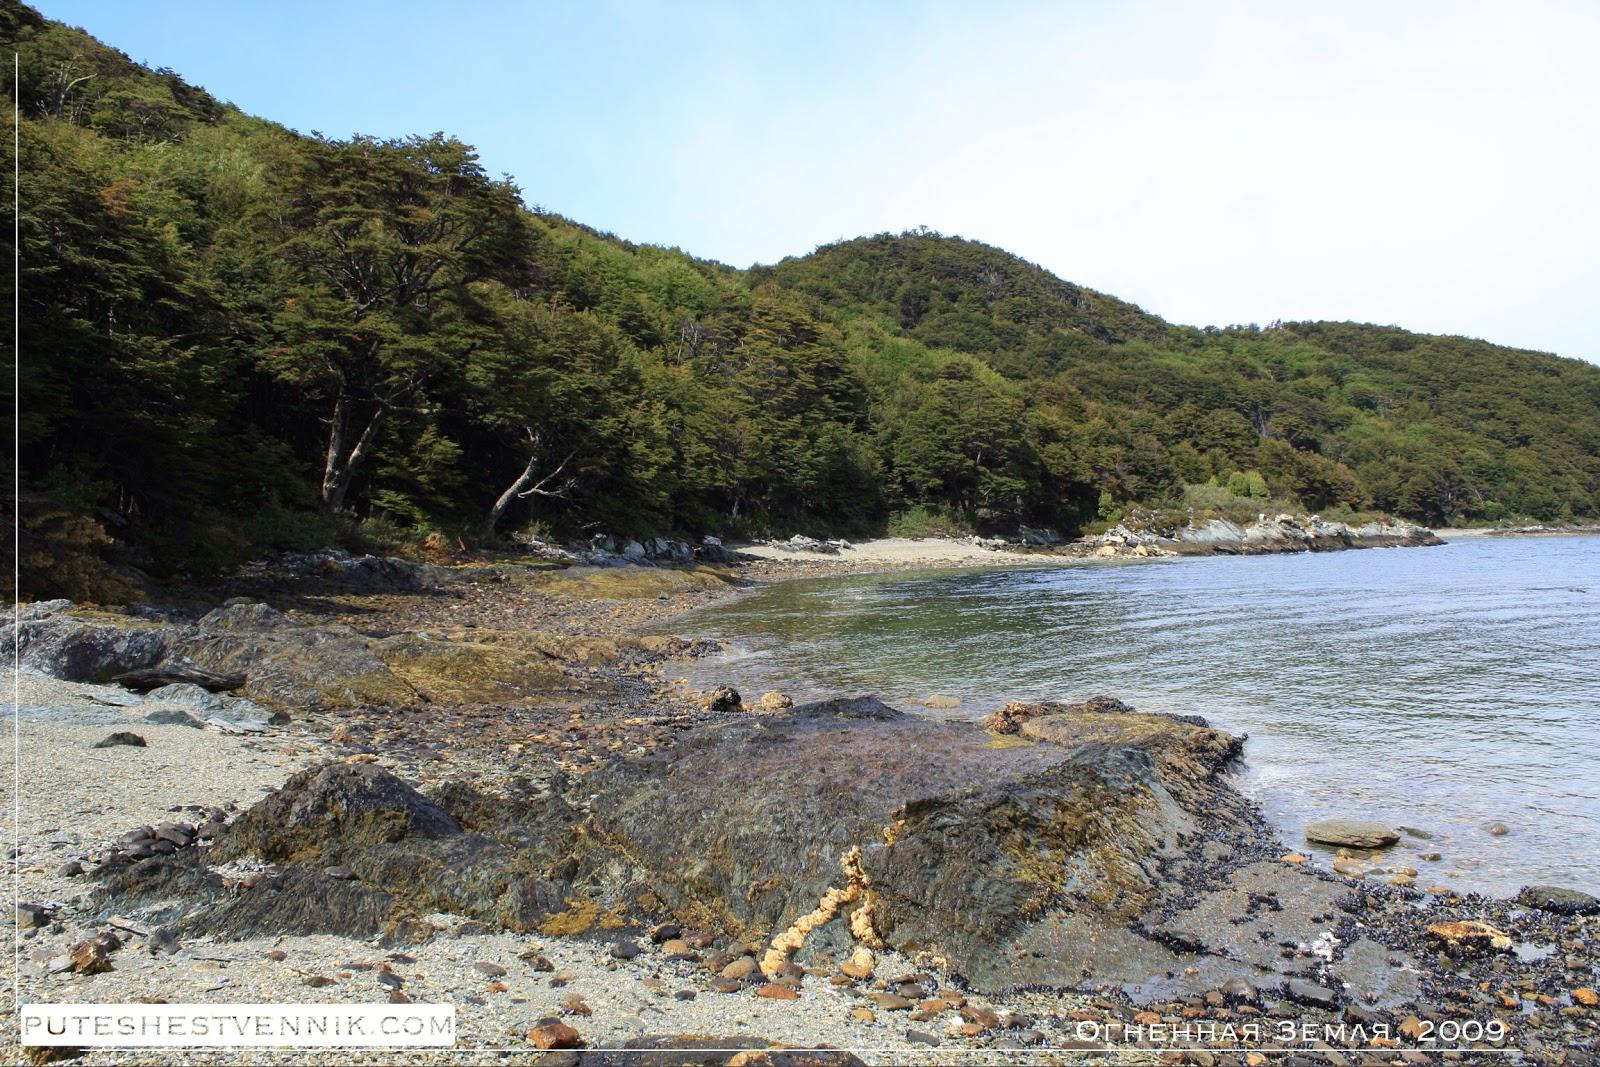 Скалы на берегу в национальном парке Огненная Земля